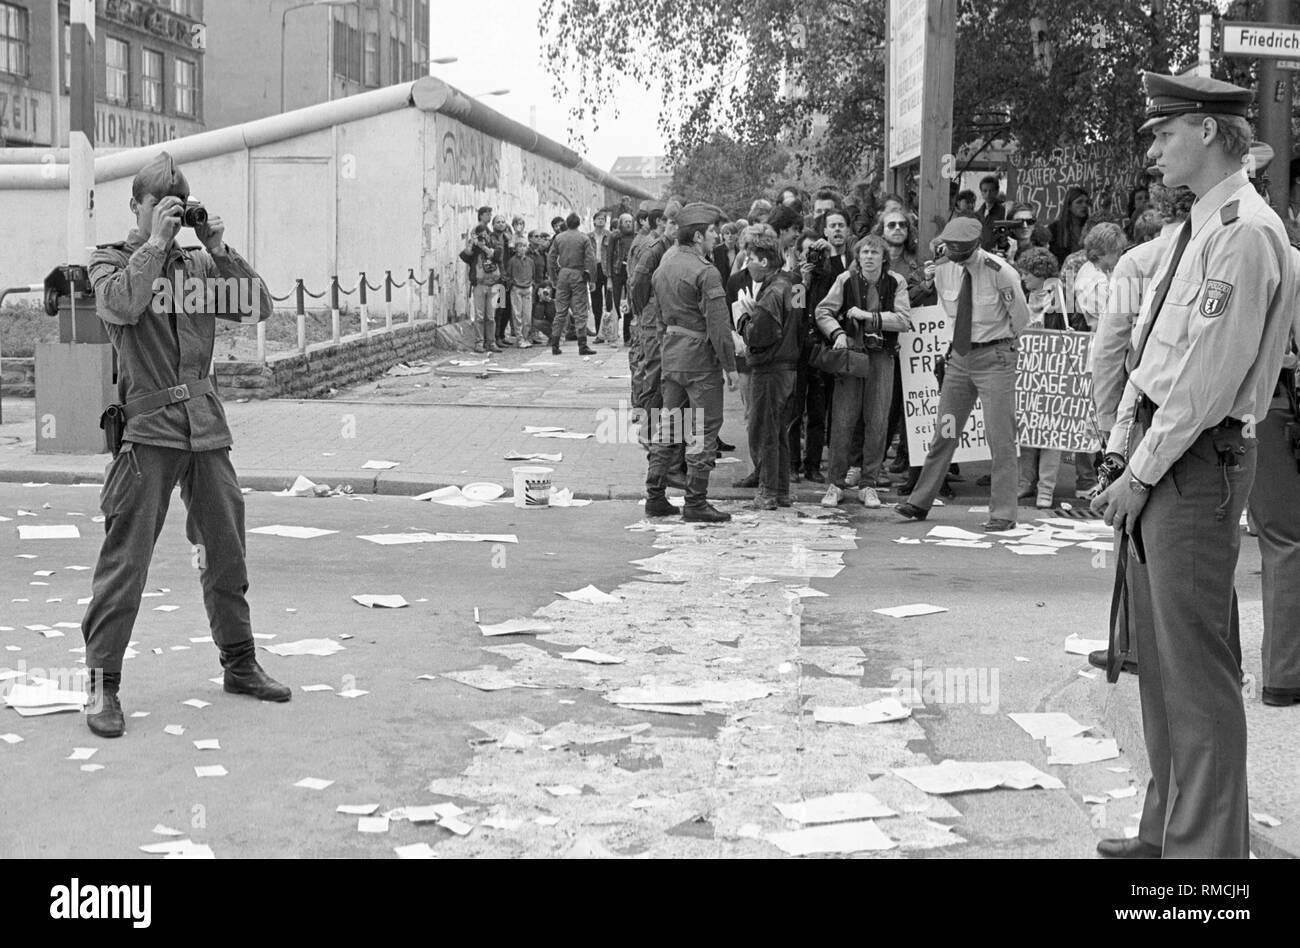 Die Gegner der 1987 Volkszählung stick Zehntausende Anmeldeformulare, die Berliner Mauer während einer spektakulären Kampagne am Grenzübergang Checkpoint Charlie, ein DDR-Grenzsoldaten Fotografien die Szene als die West-Berliner Polizei versucht, die Aktion zu stoppen. Stockfoto